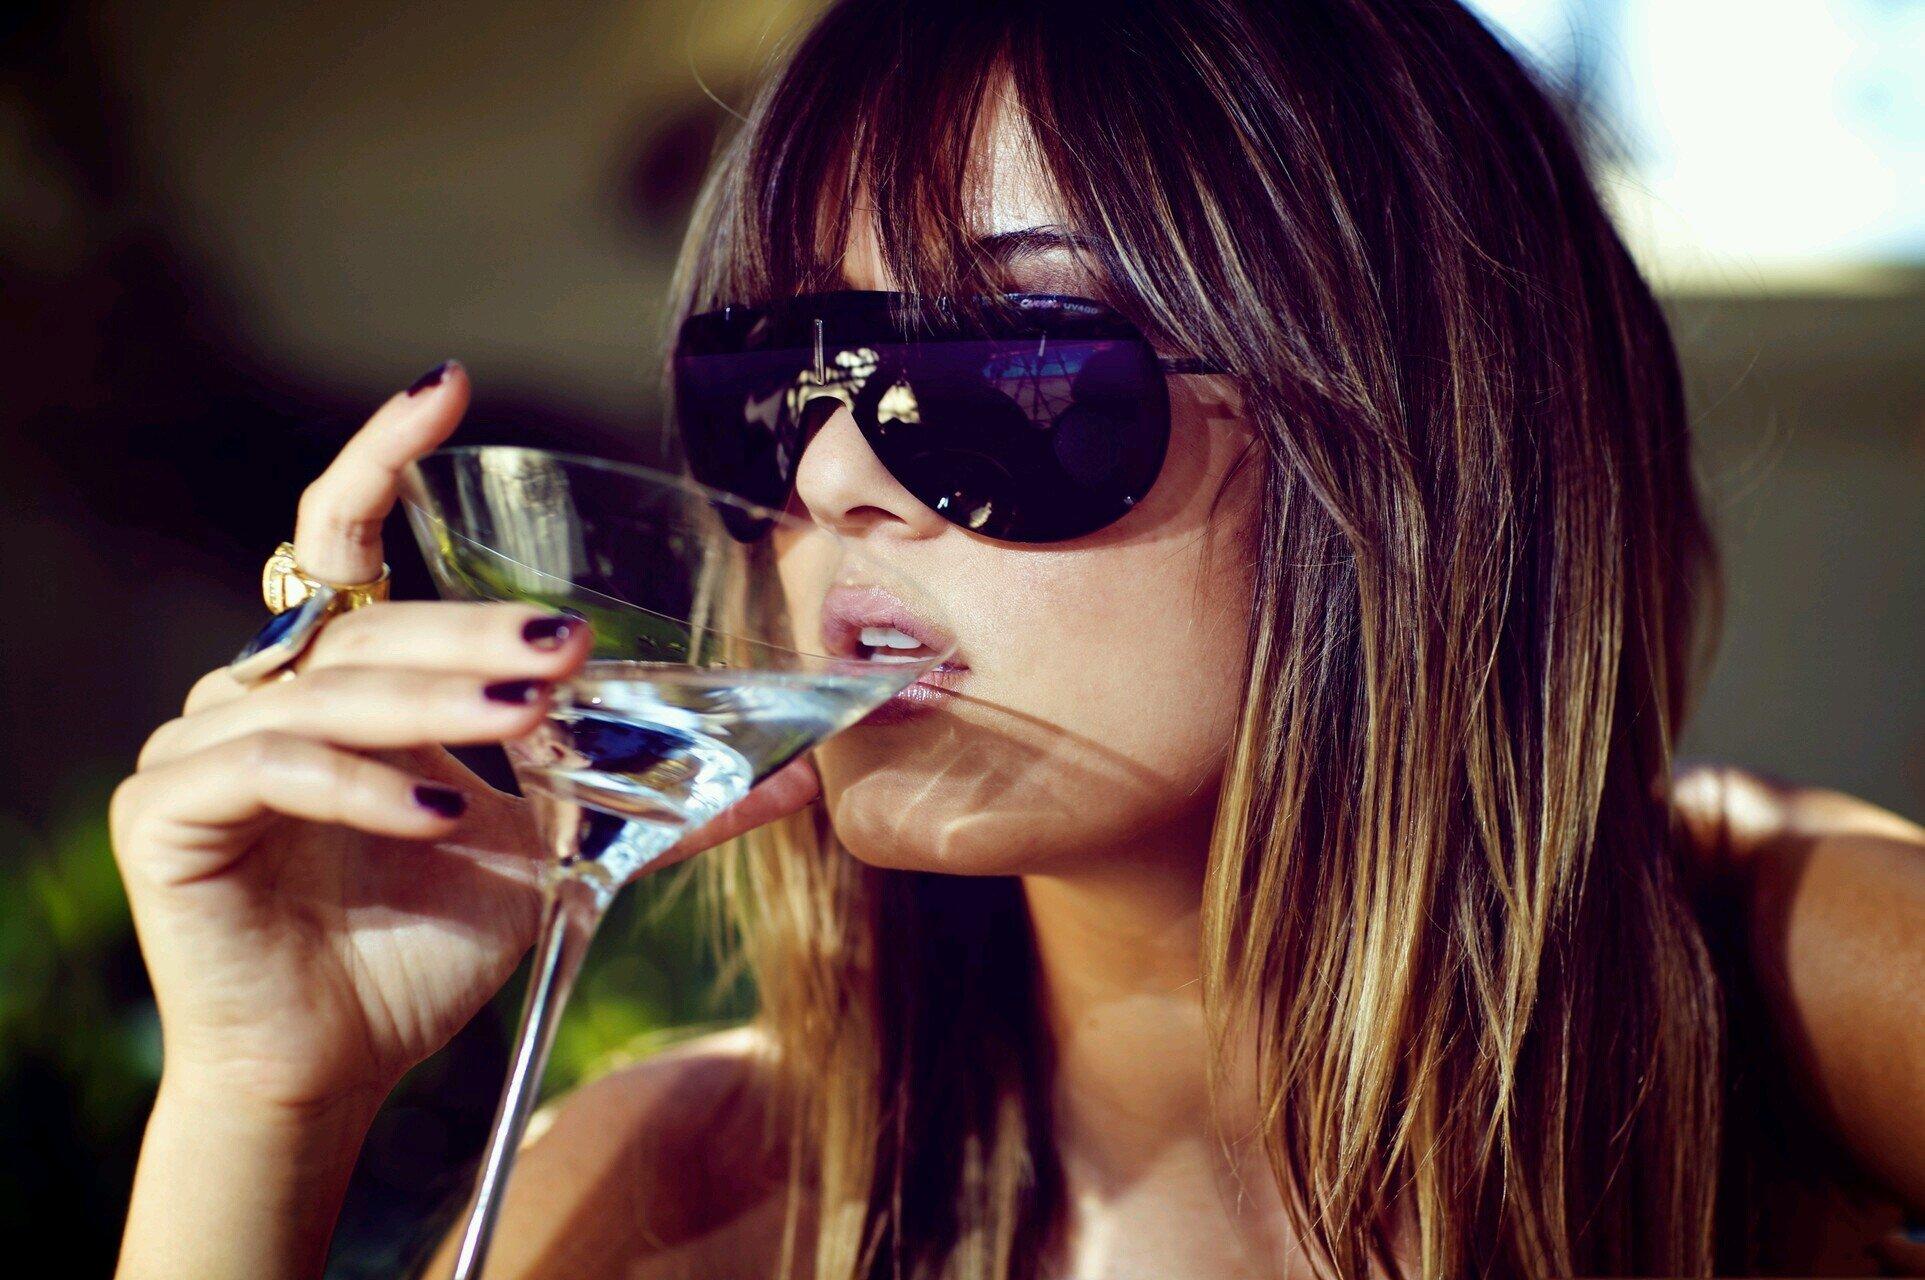 Картинки прикольные девушки выпивают